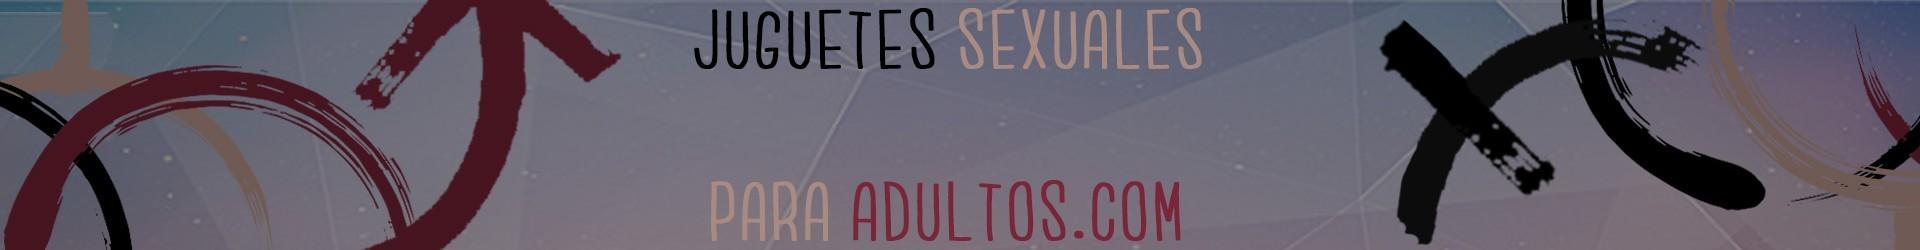 Orgasmo extra - Juguetes Sexuales para Adultos